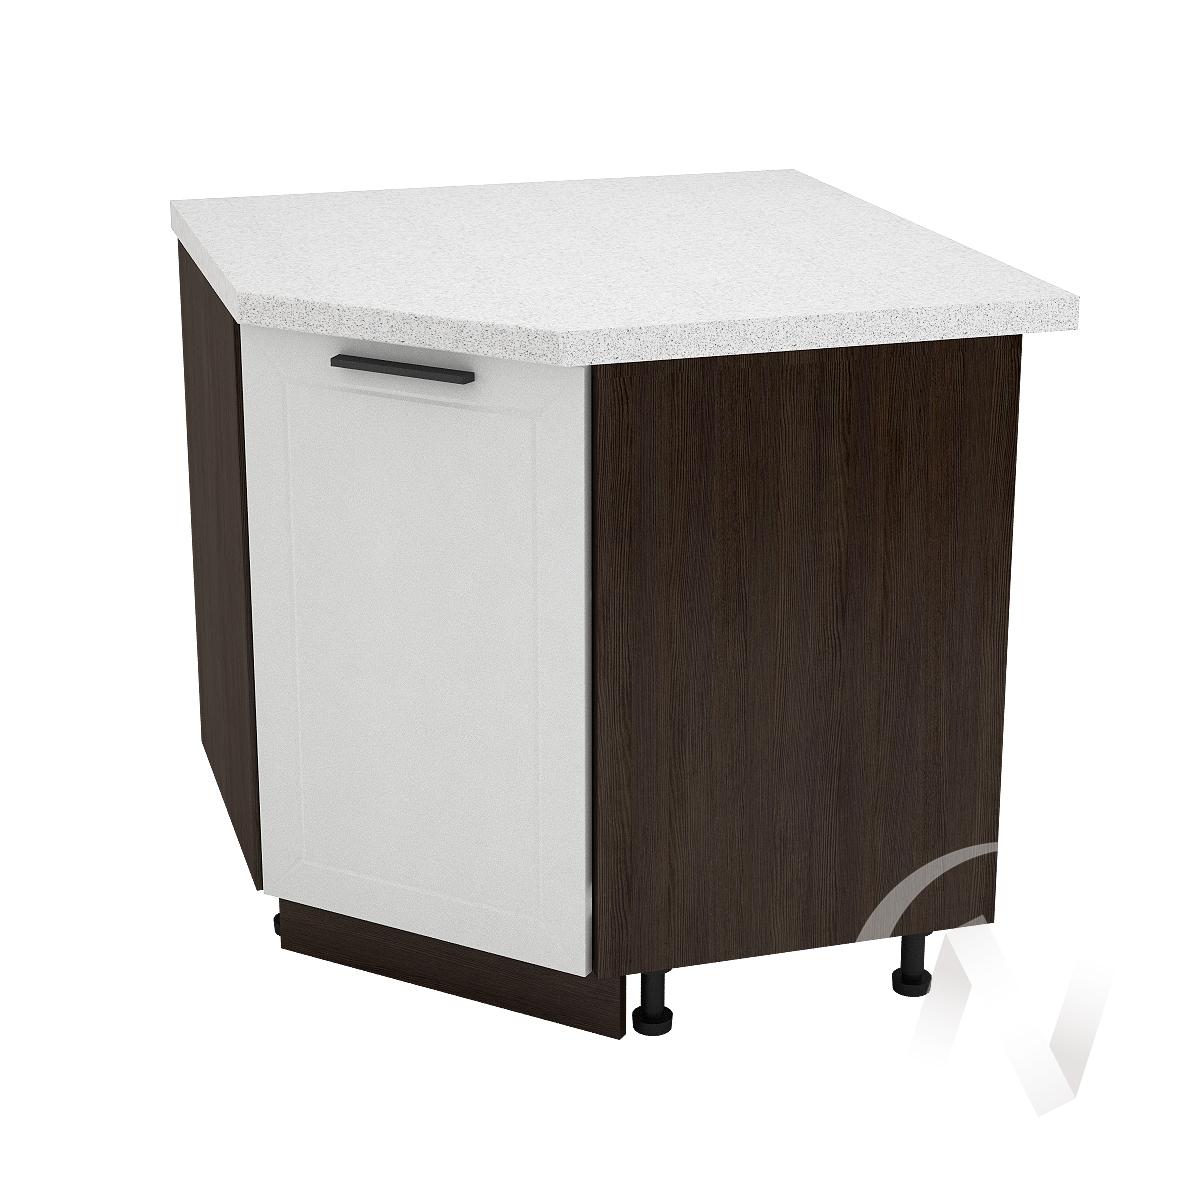 """Кухня """"Глетчер"""": Шкаф нижний угловой 890, ШНУ 890 (Айленд Силк/корпус венге)"""